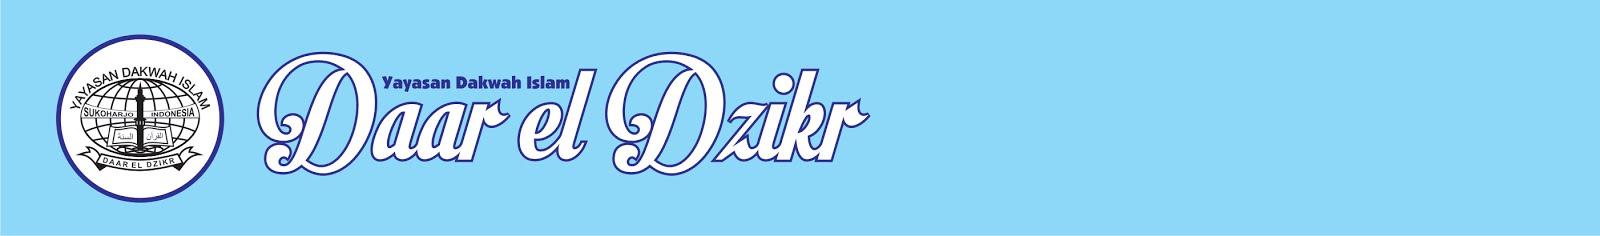 YAYASAN DAKWAH ISLAM DAAR EL DZIKR